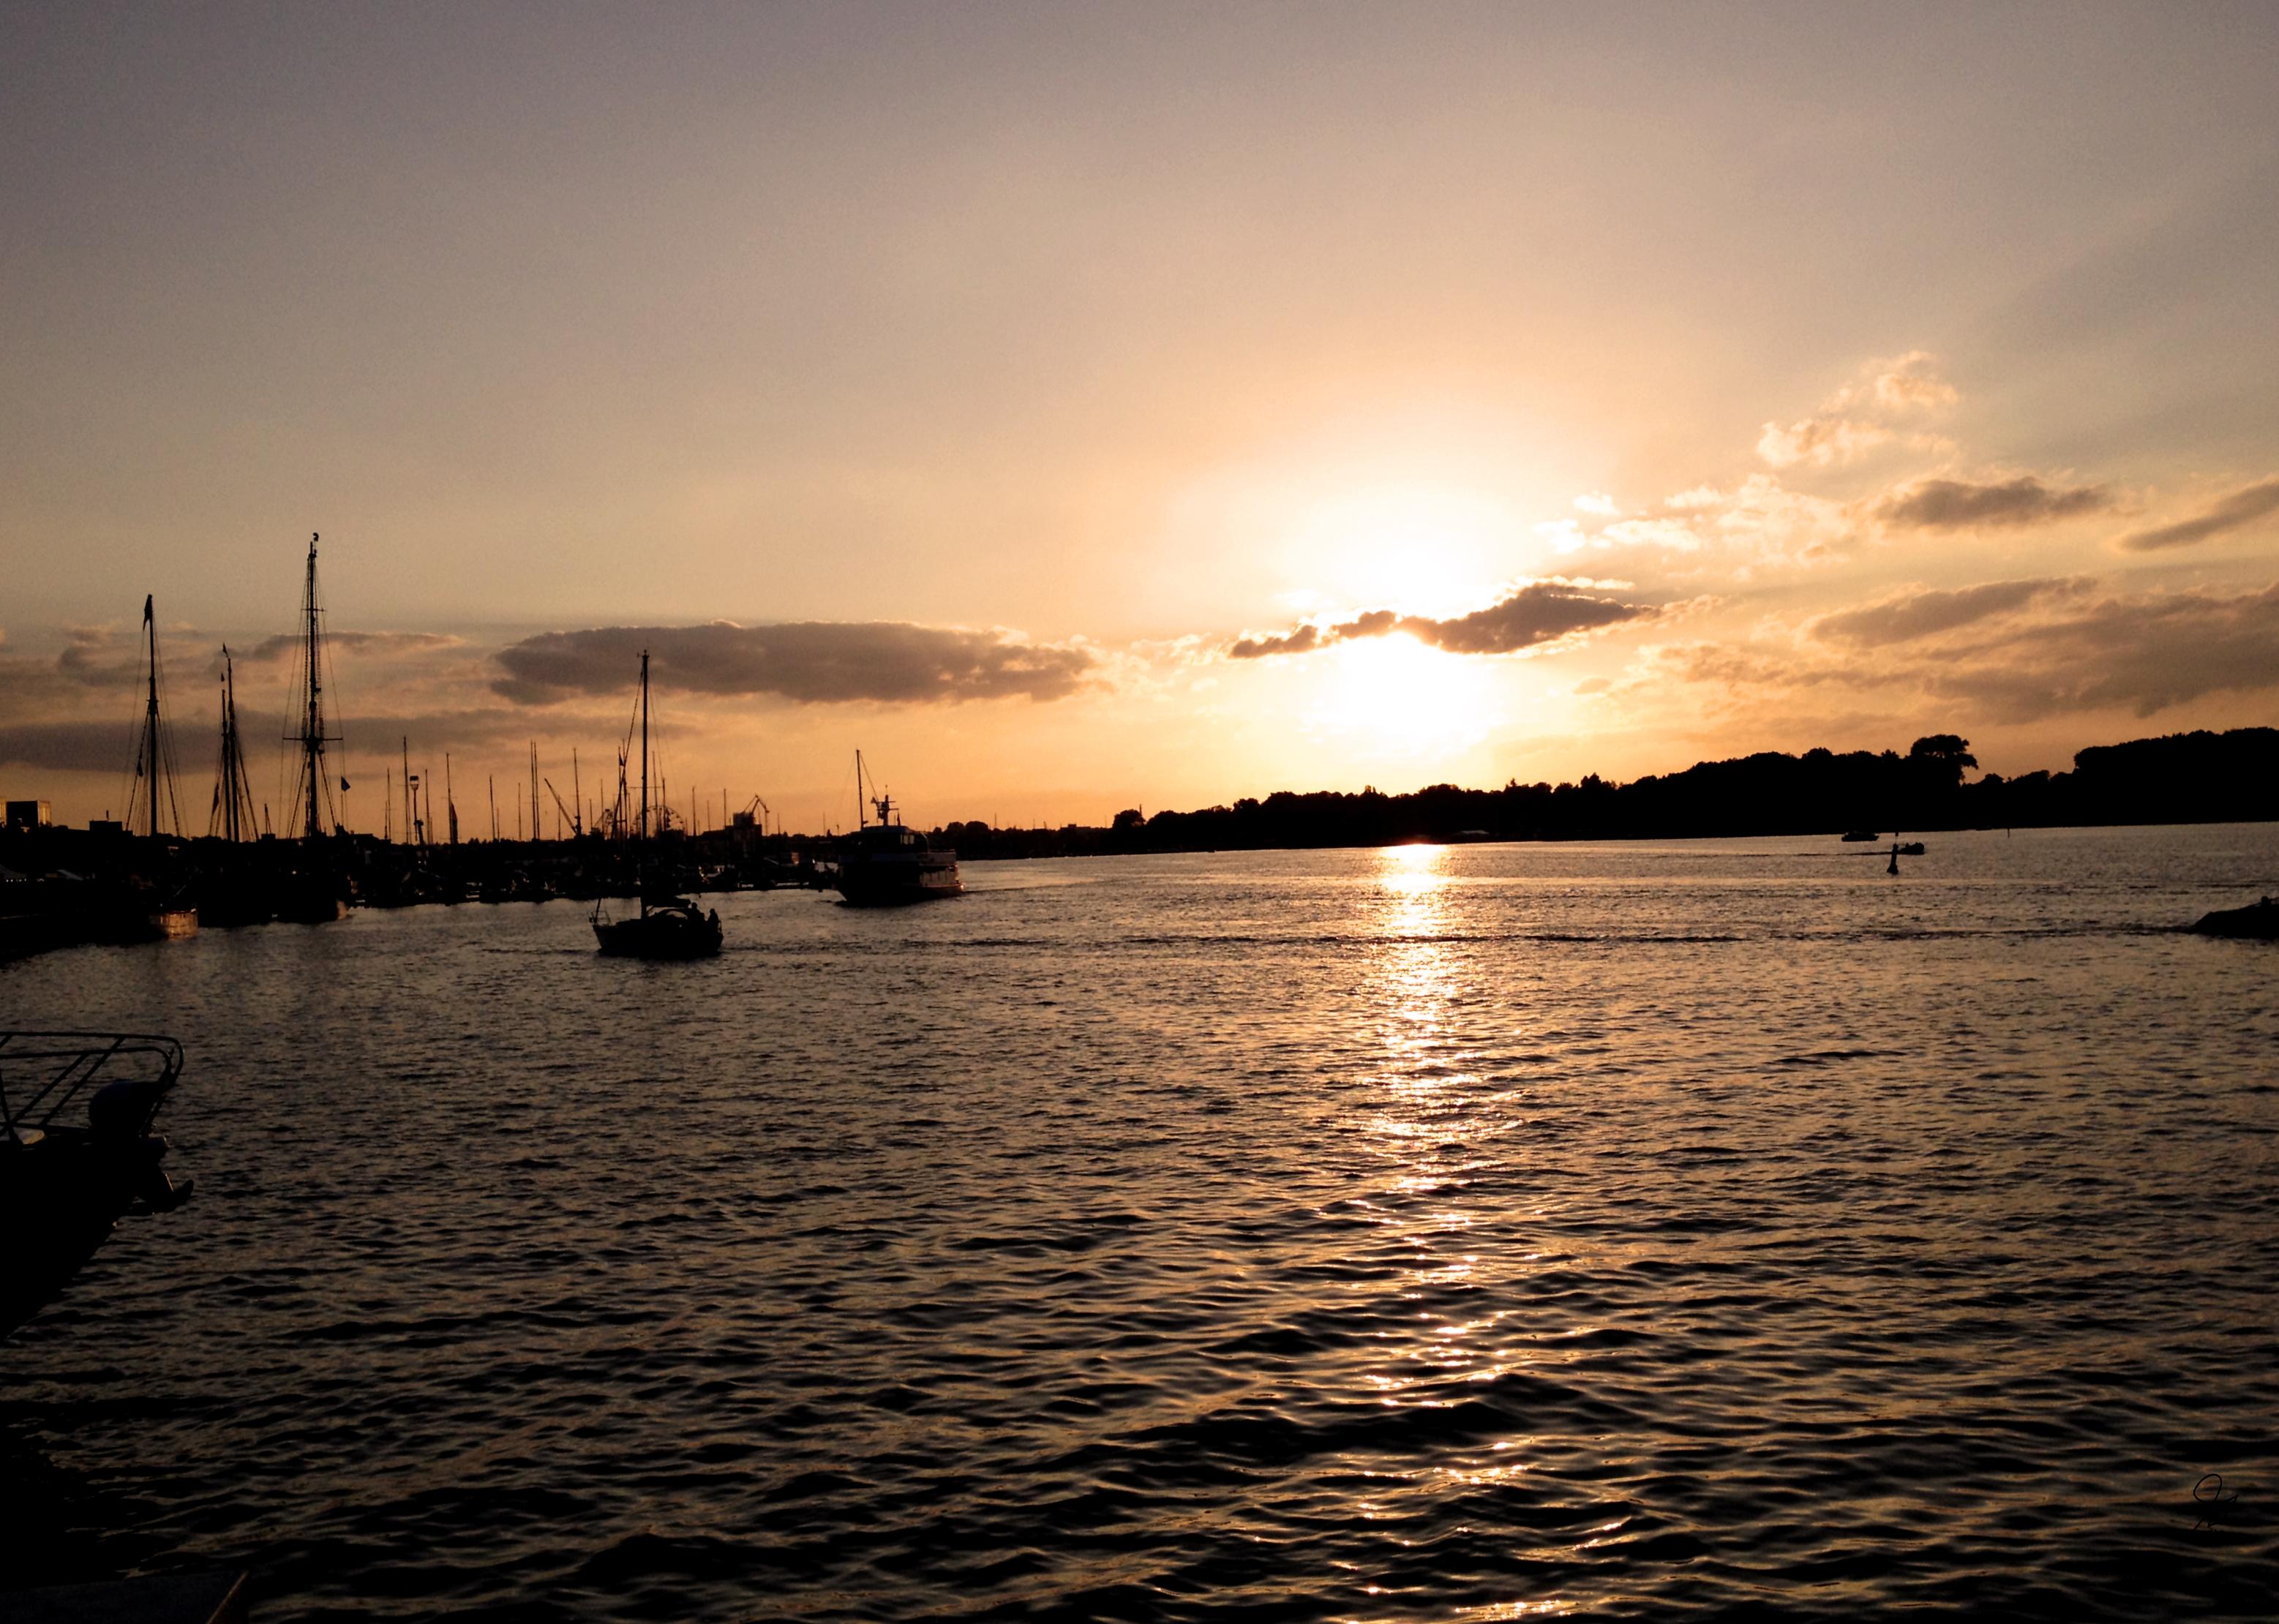 Sfondi Luce Del Sole Paesaggio Tramonto Mare Lago Acqua